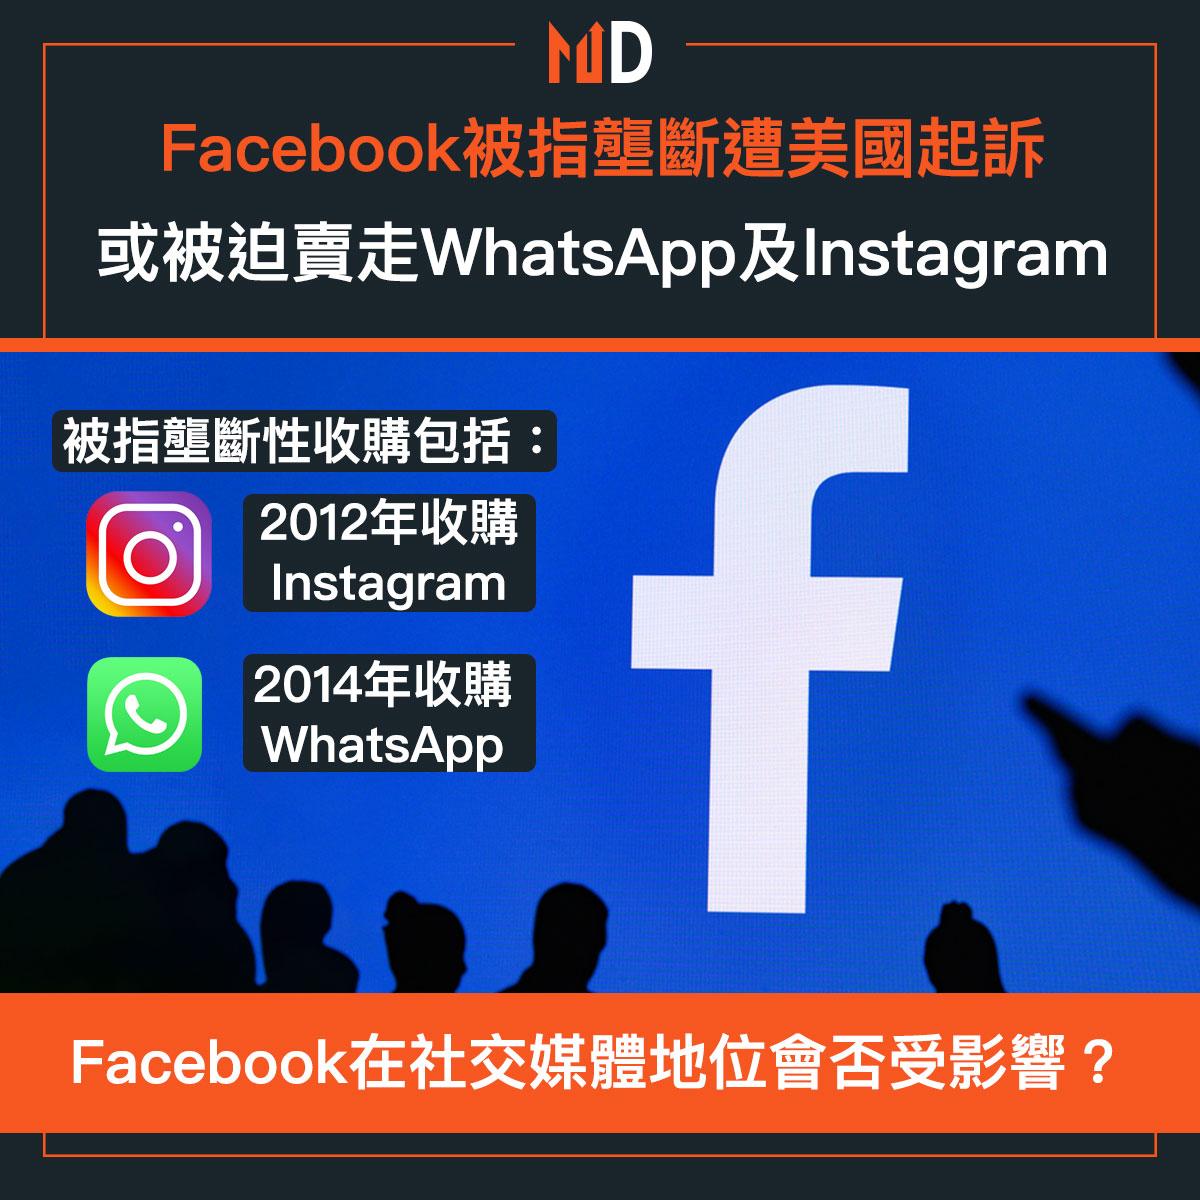 社交媒體Facebook被指壟斷